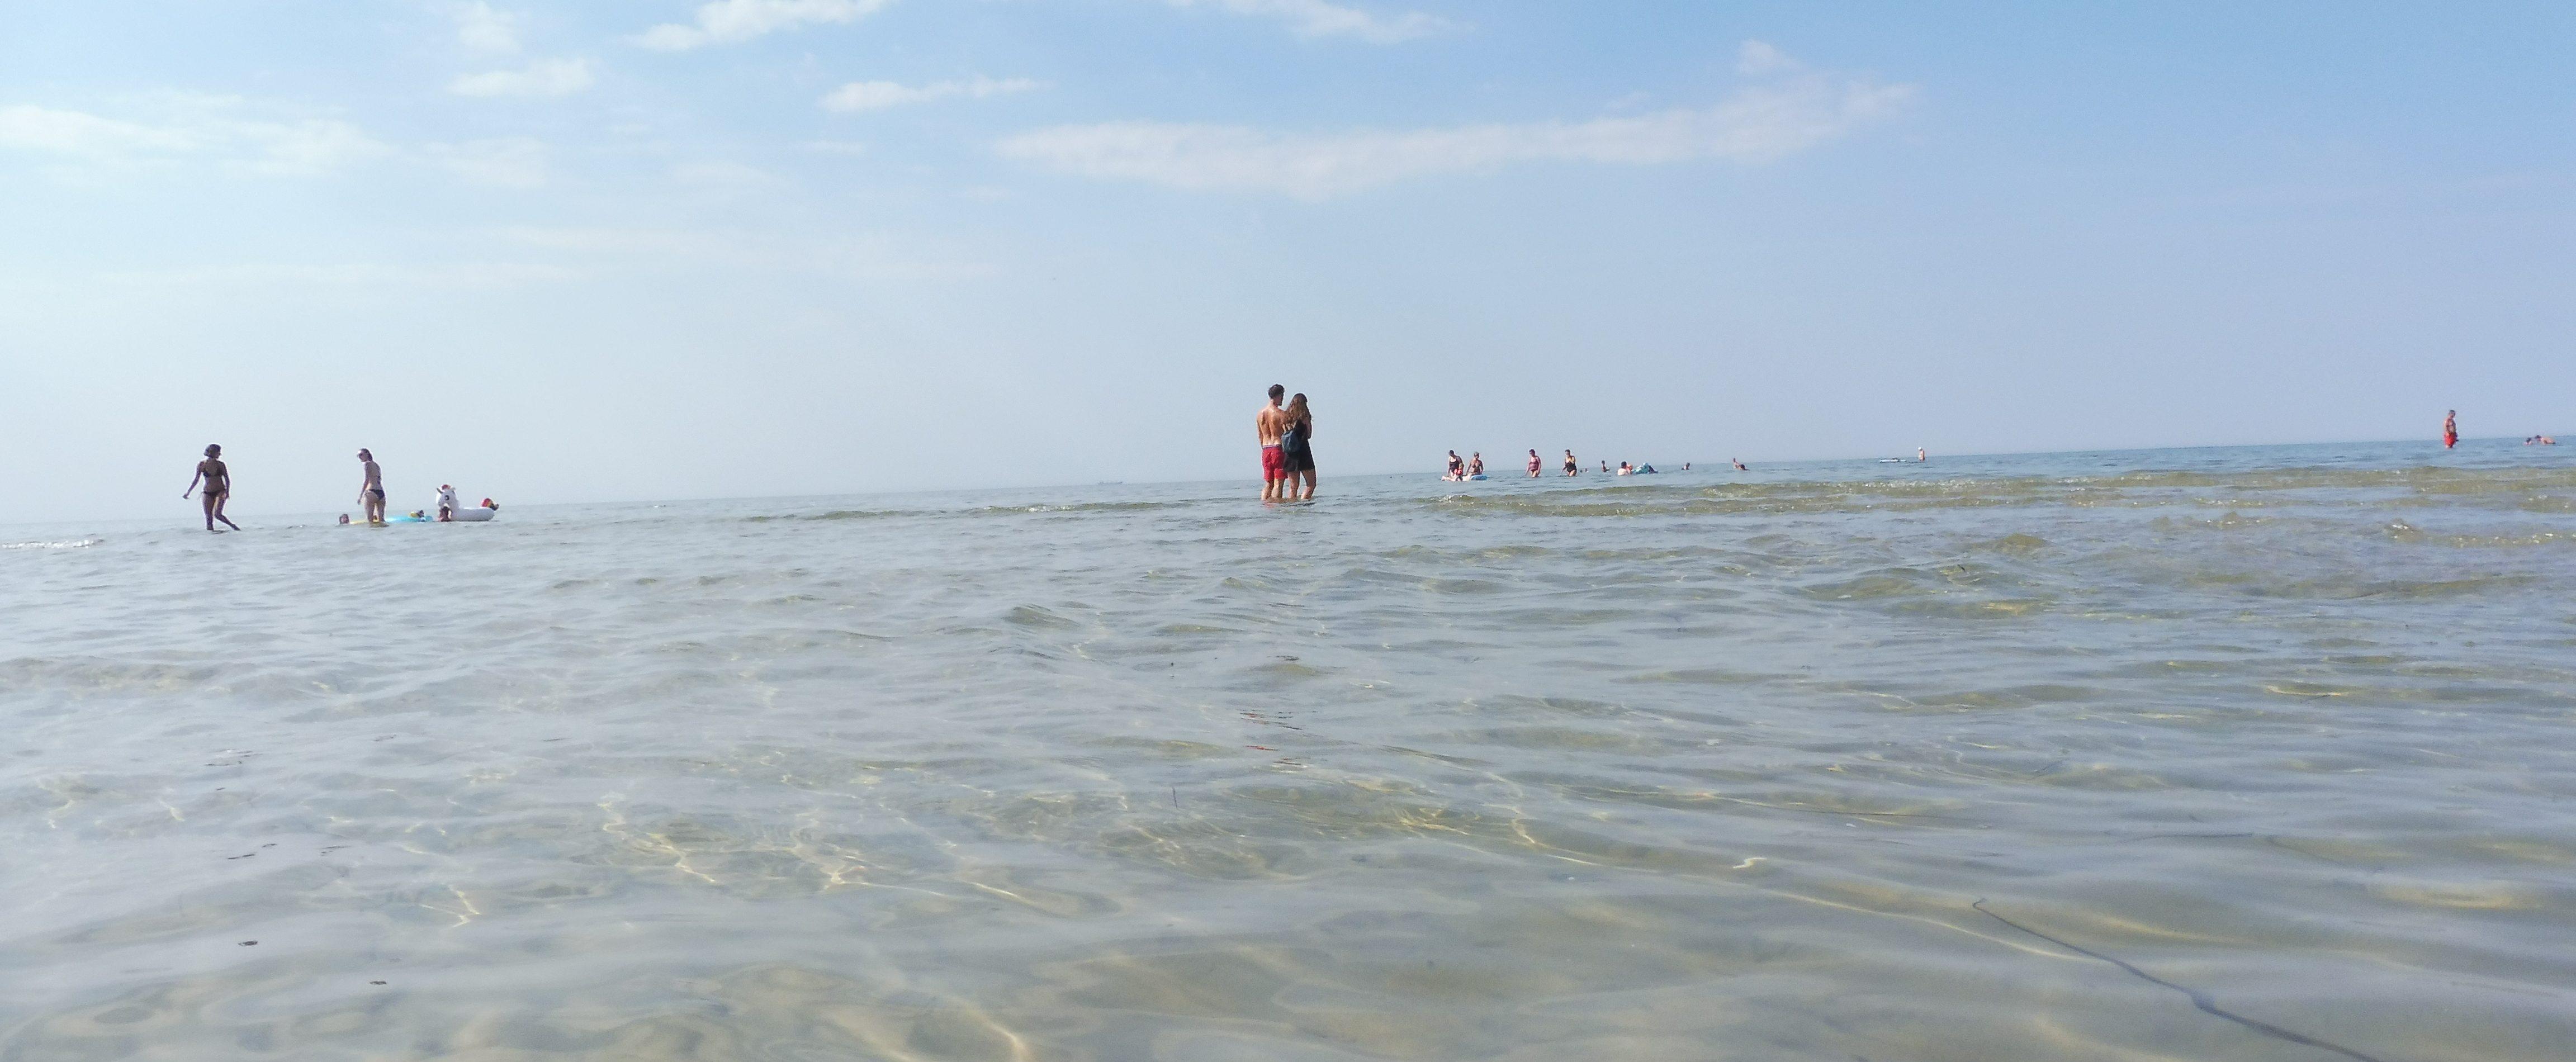 Der Strand von Gollwitz auf Poel Sandbank